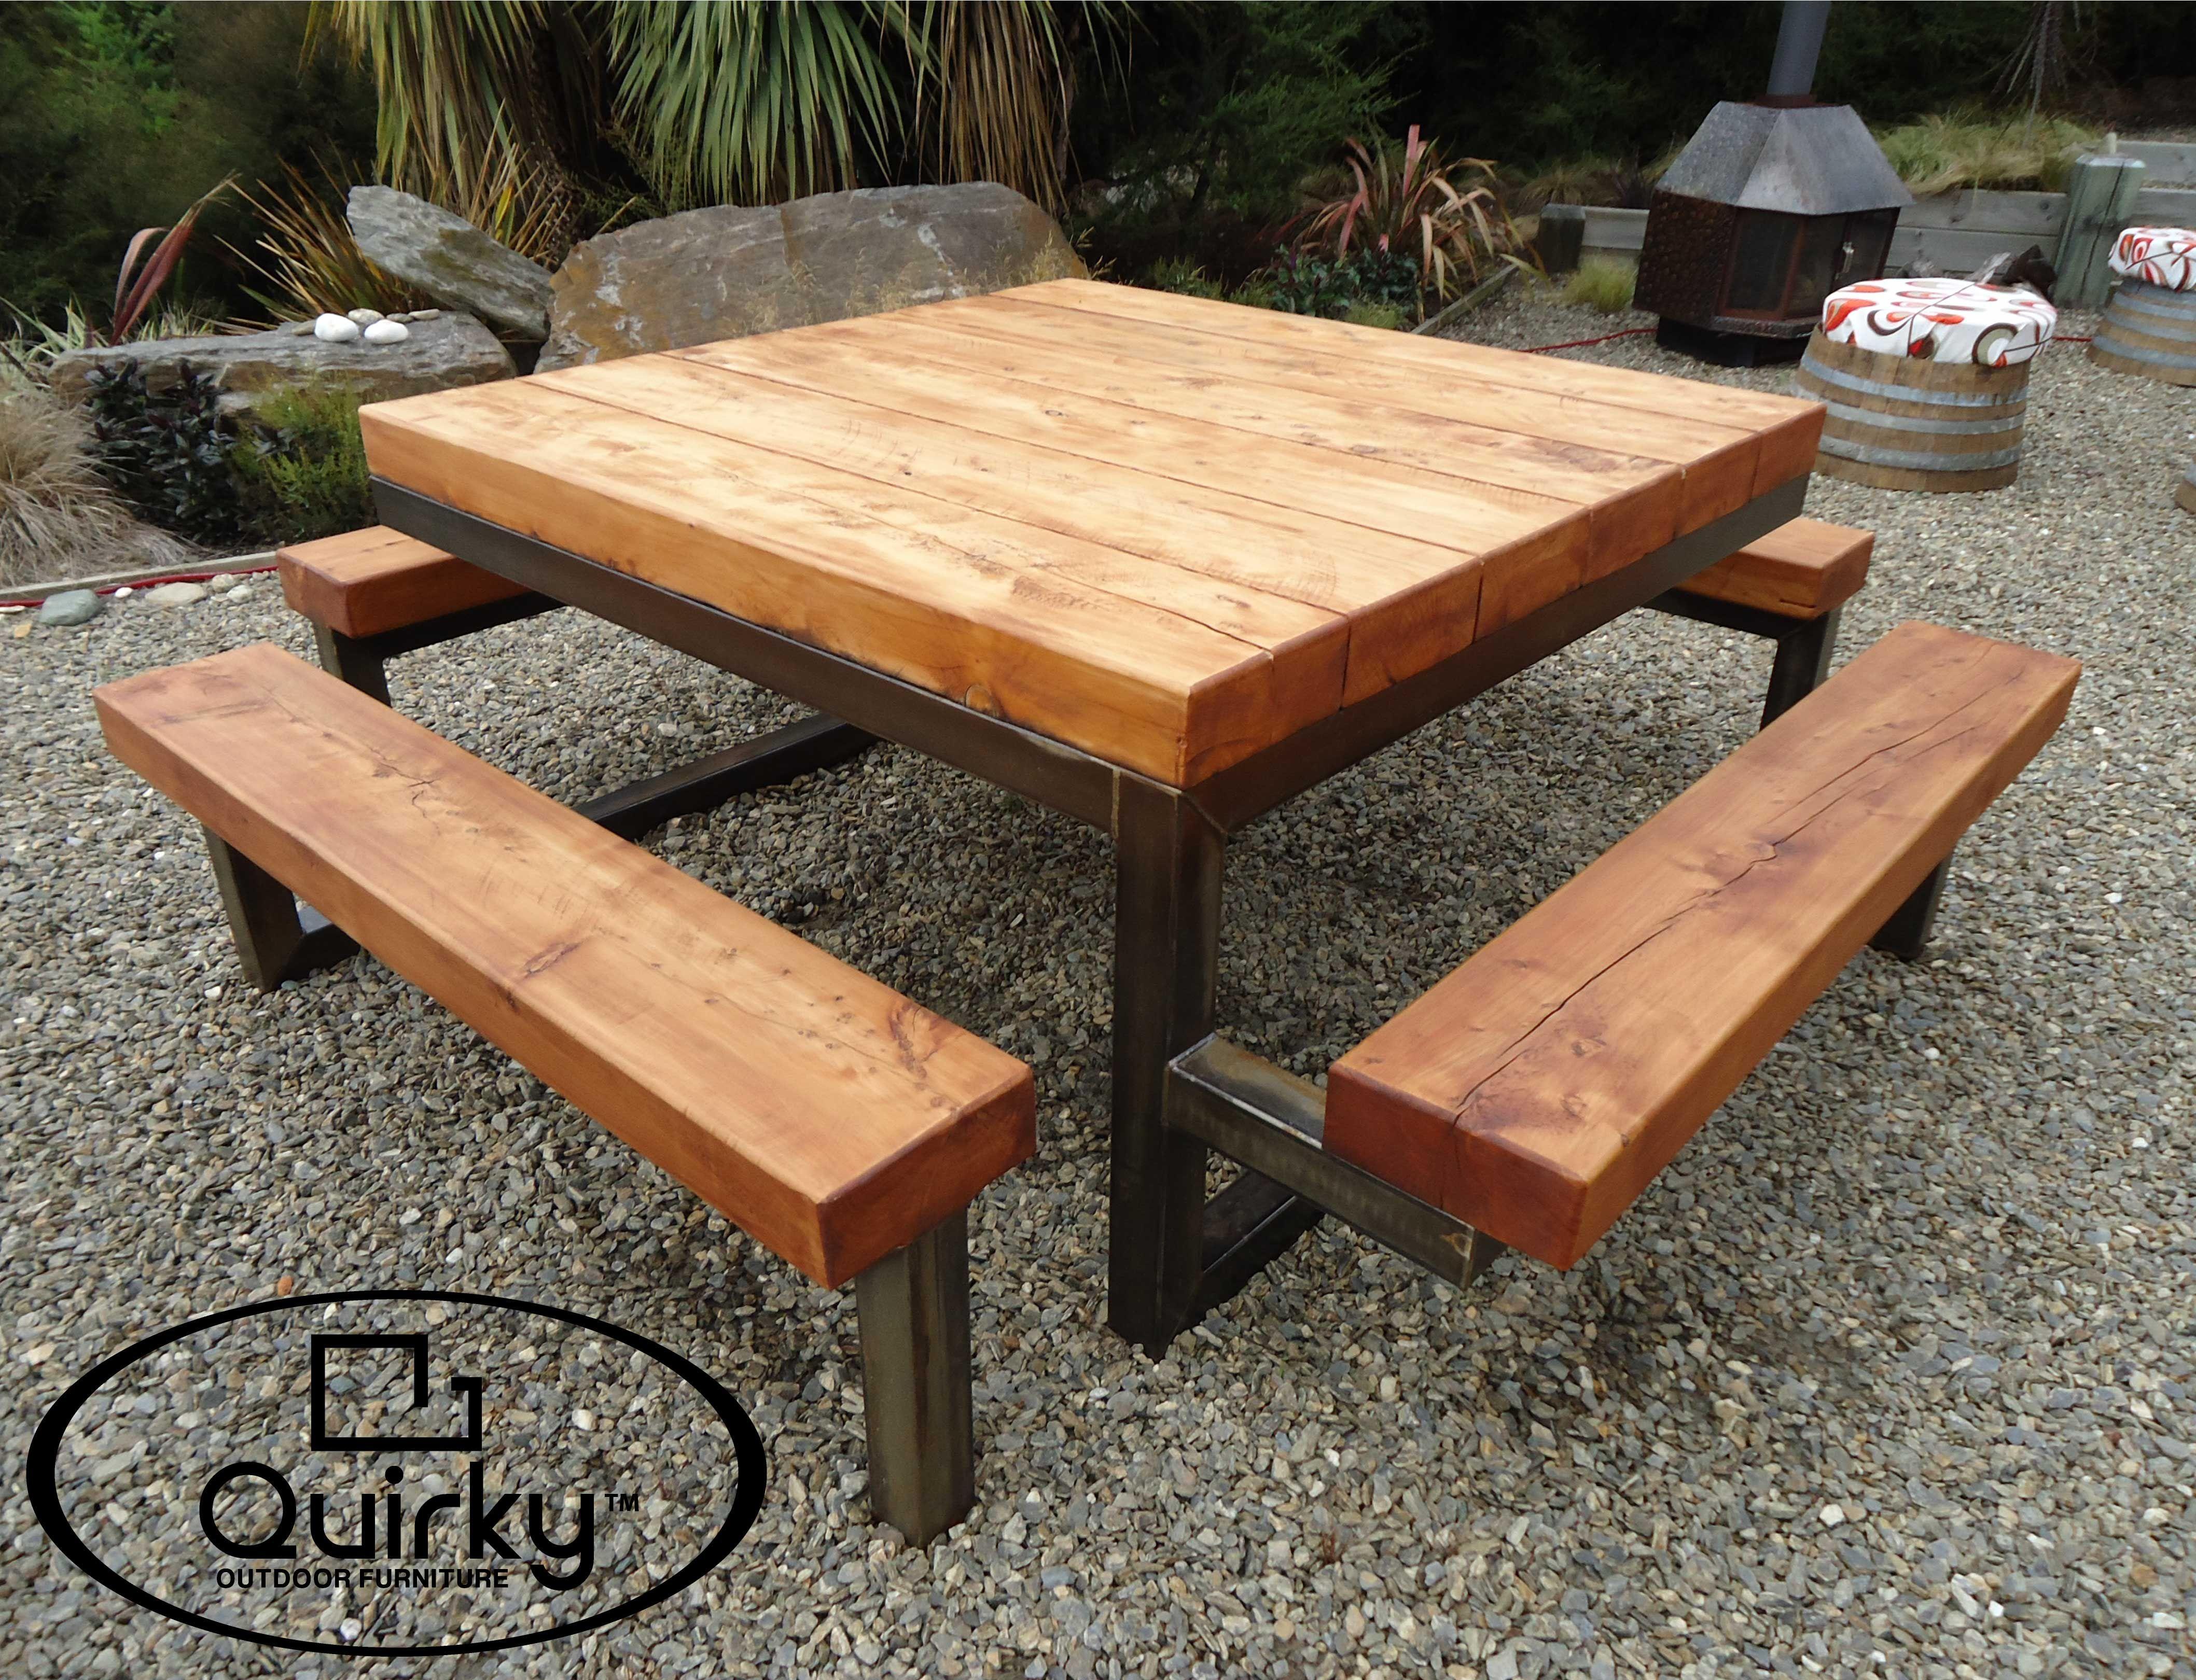 808c2fbfb641a1d3575dee7468e4f074 Luxe De Fabriquer Table Basse Tactile Schème